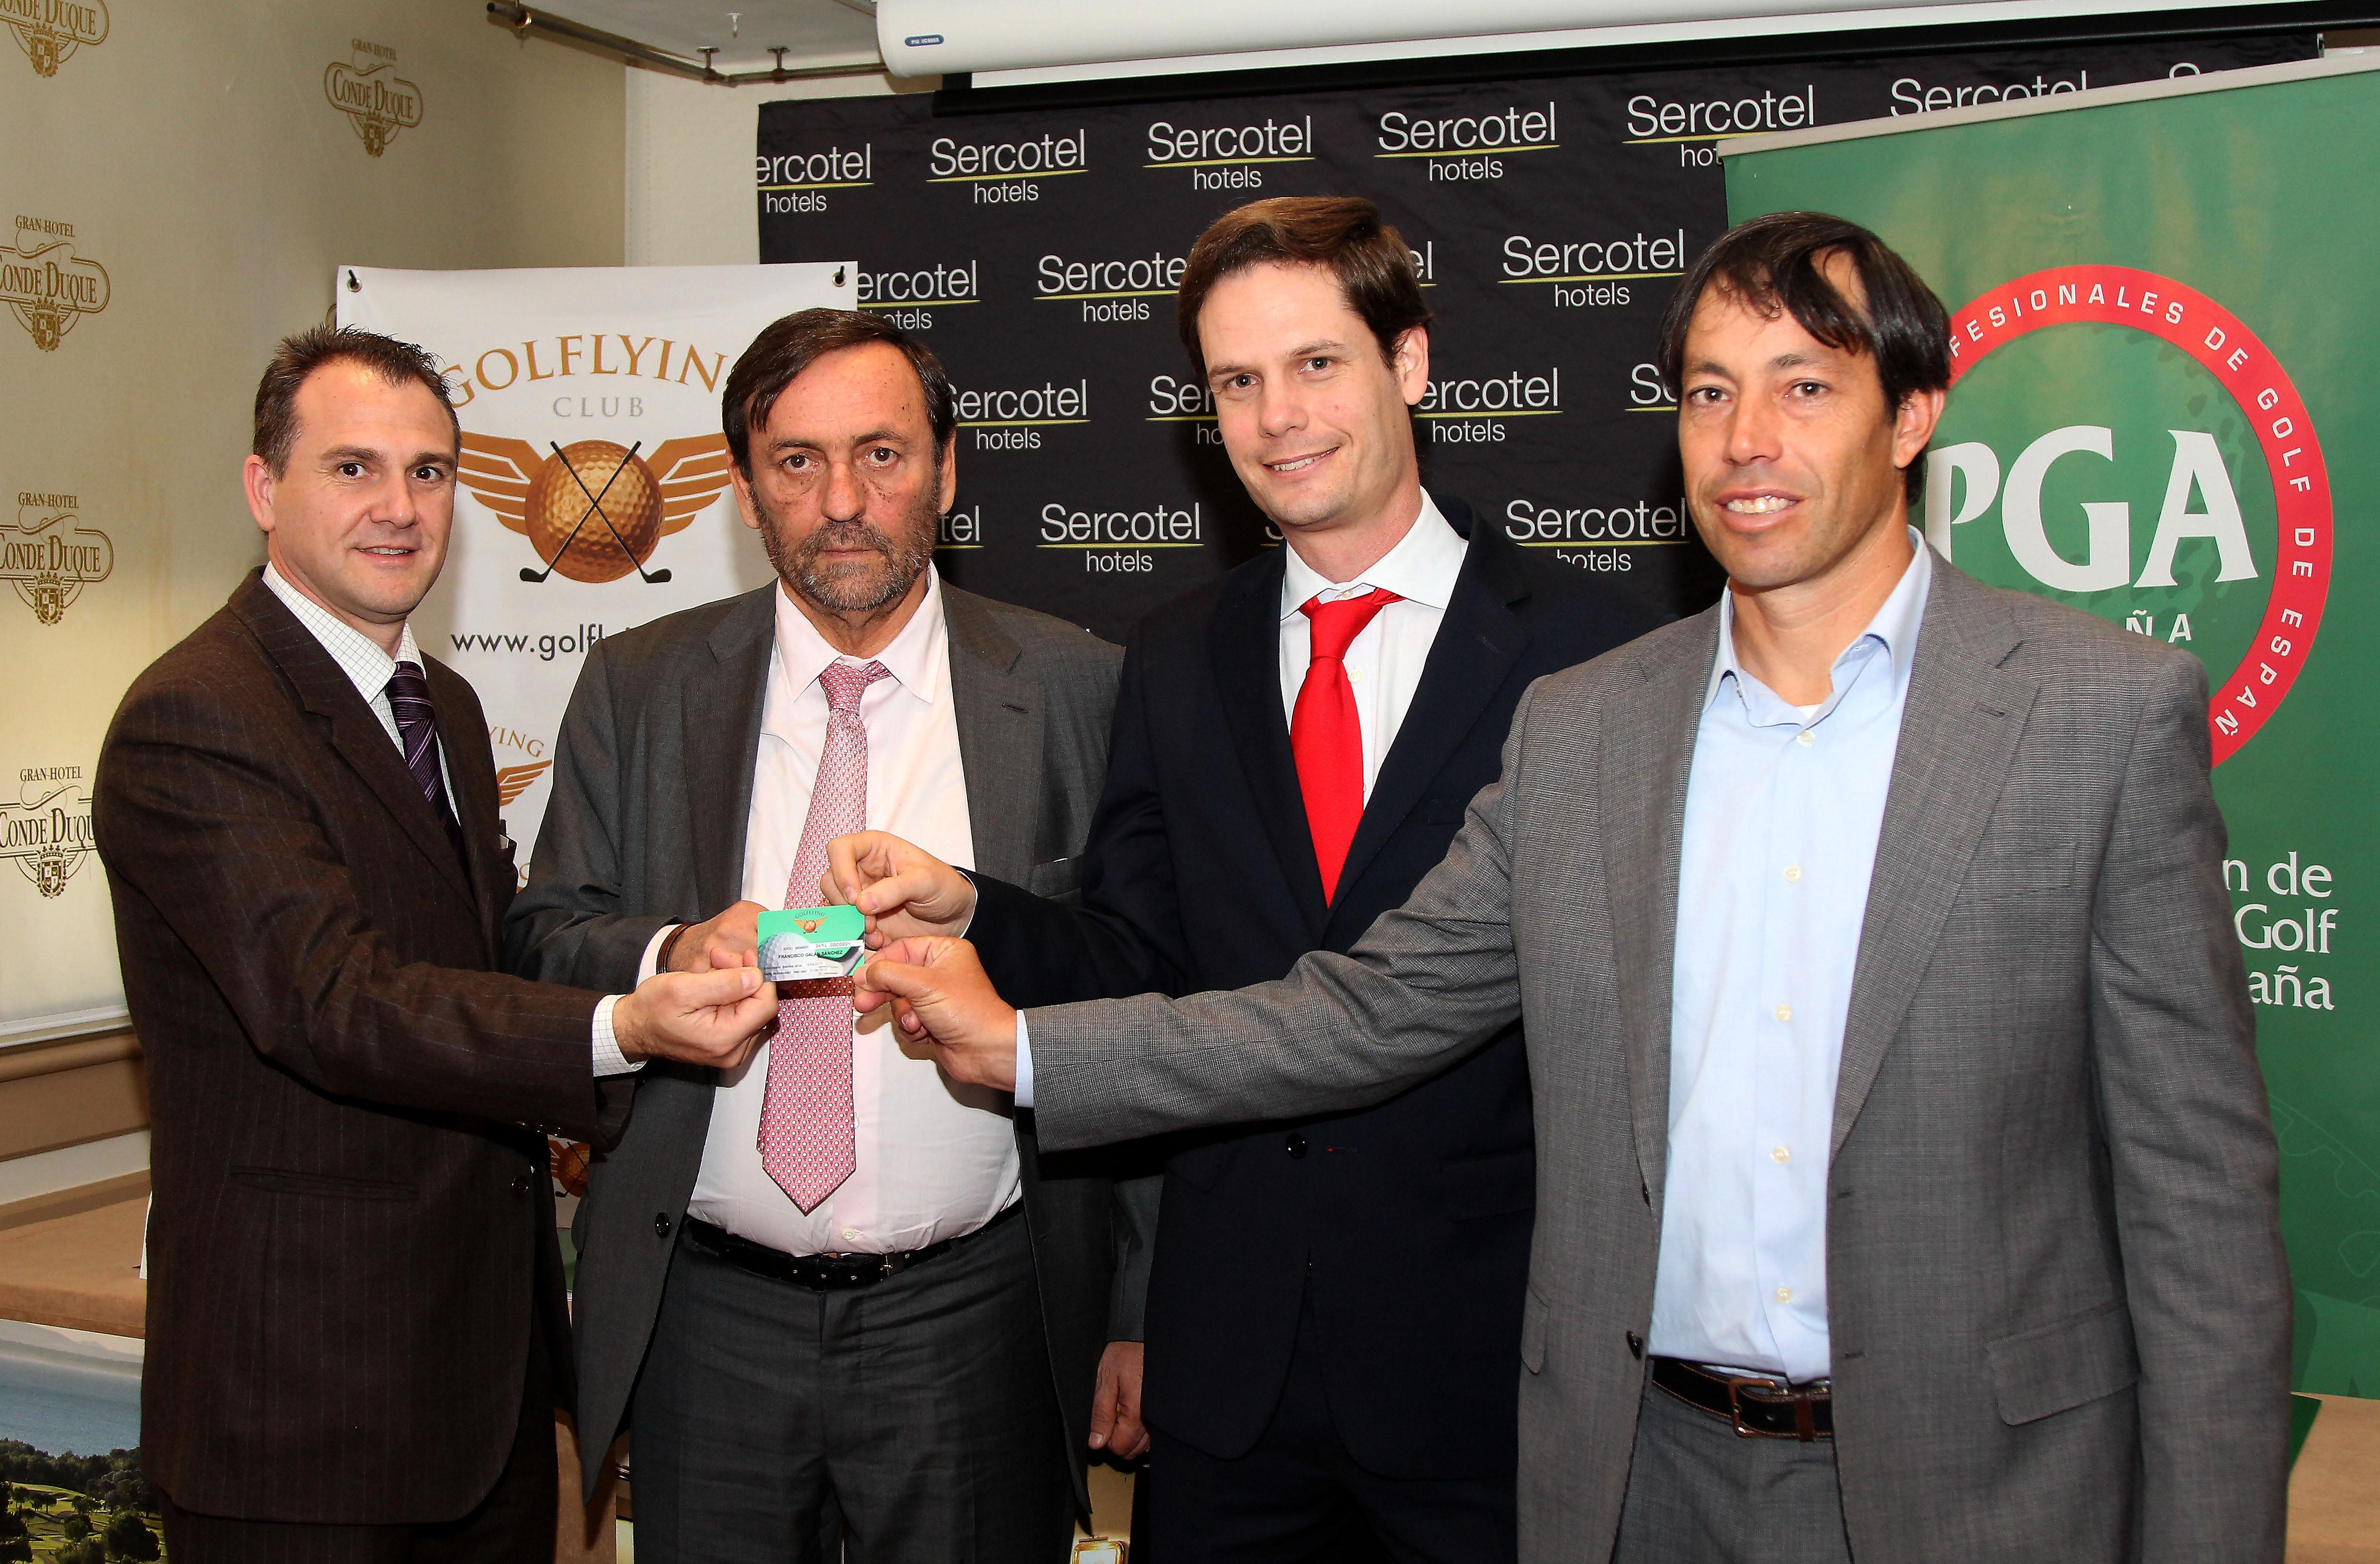 La Asociación de Profesionales de Golf de España, PGA, y Golflying